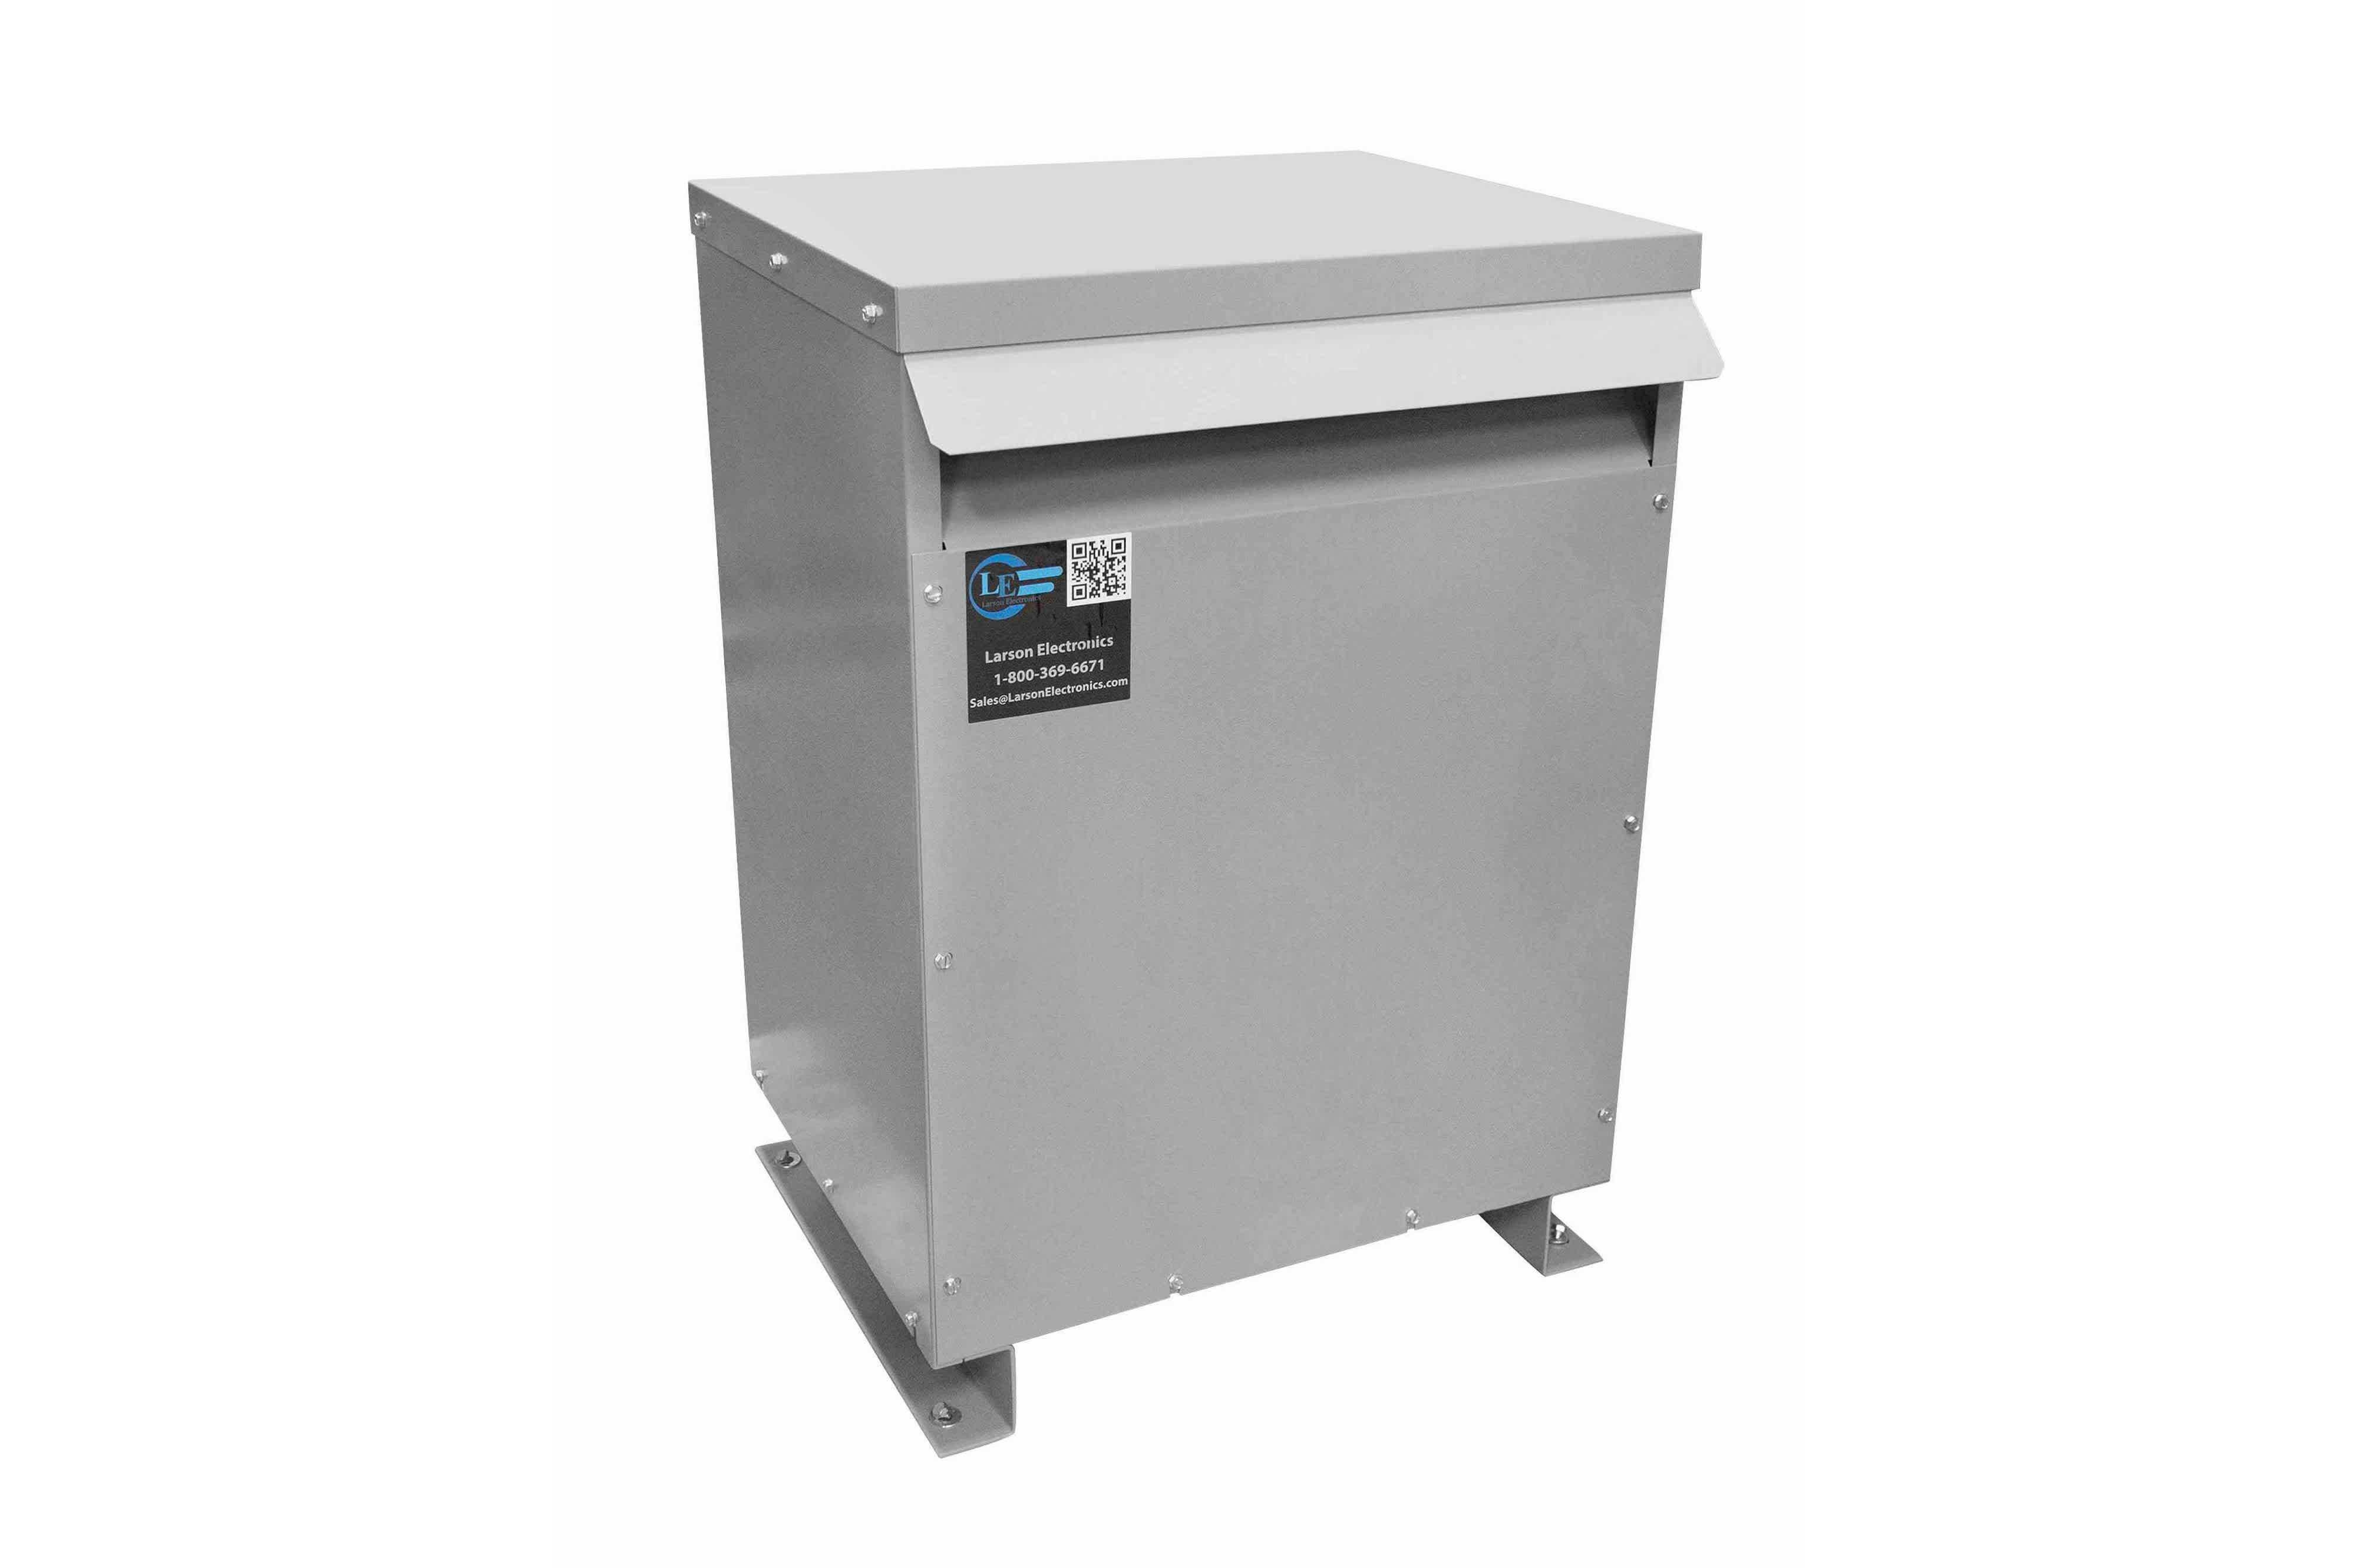 40 kVA 3PH Isolation Transformer, 460V Delta Primary, 600V Delta Secondary, N3R, Ventilated, 60 Hz